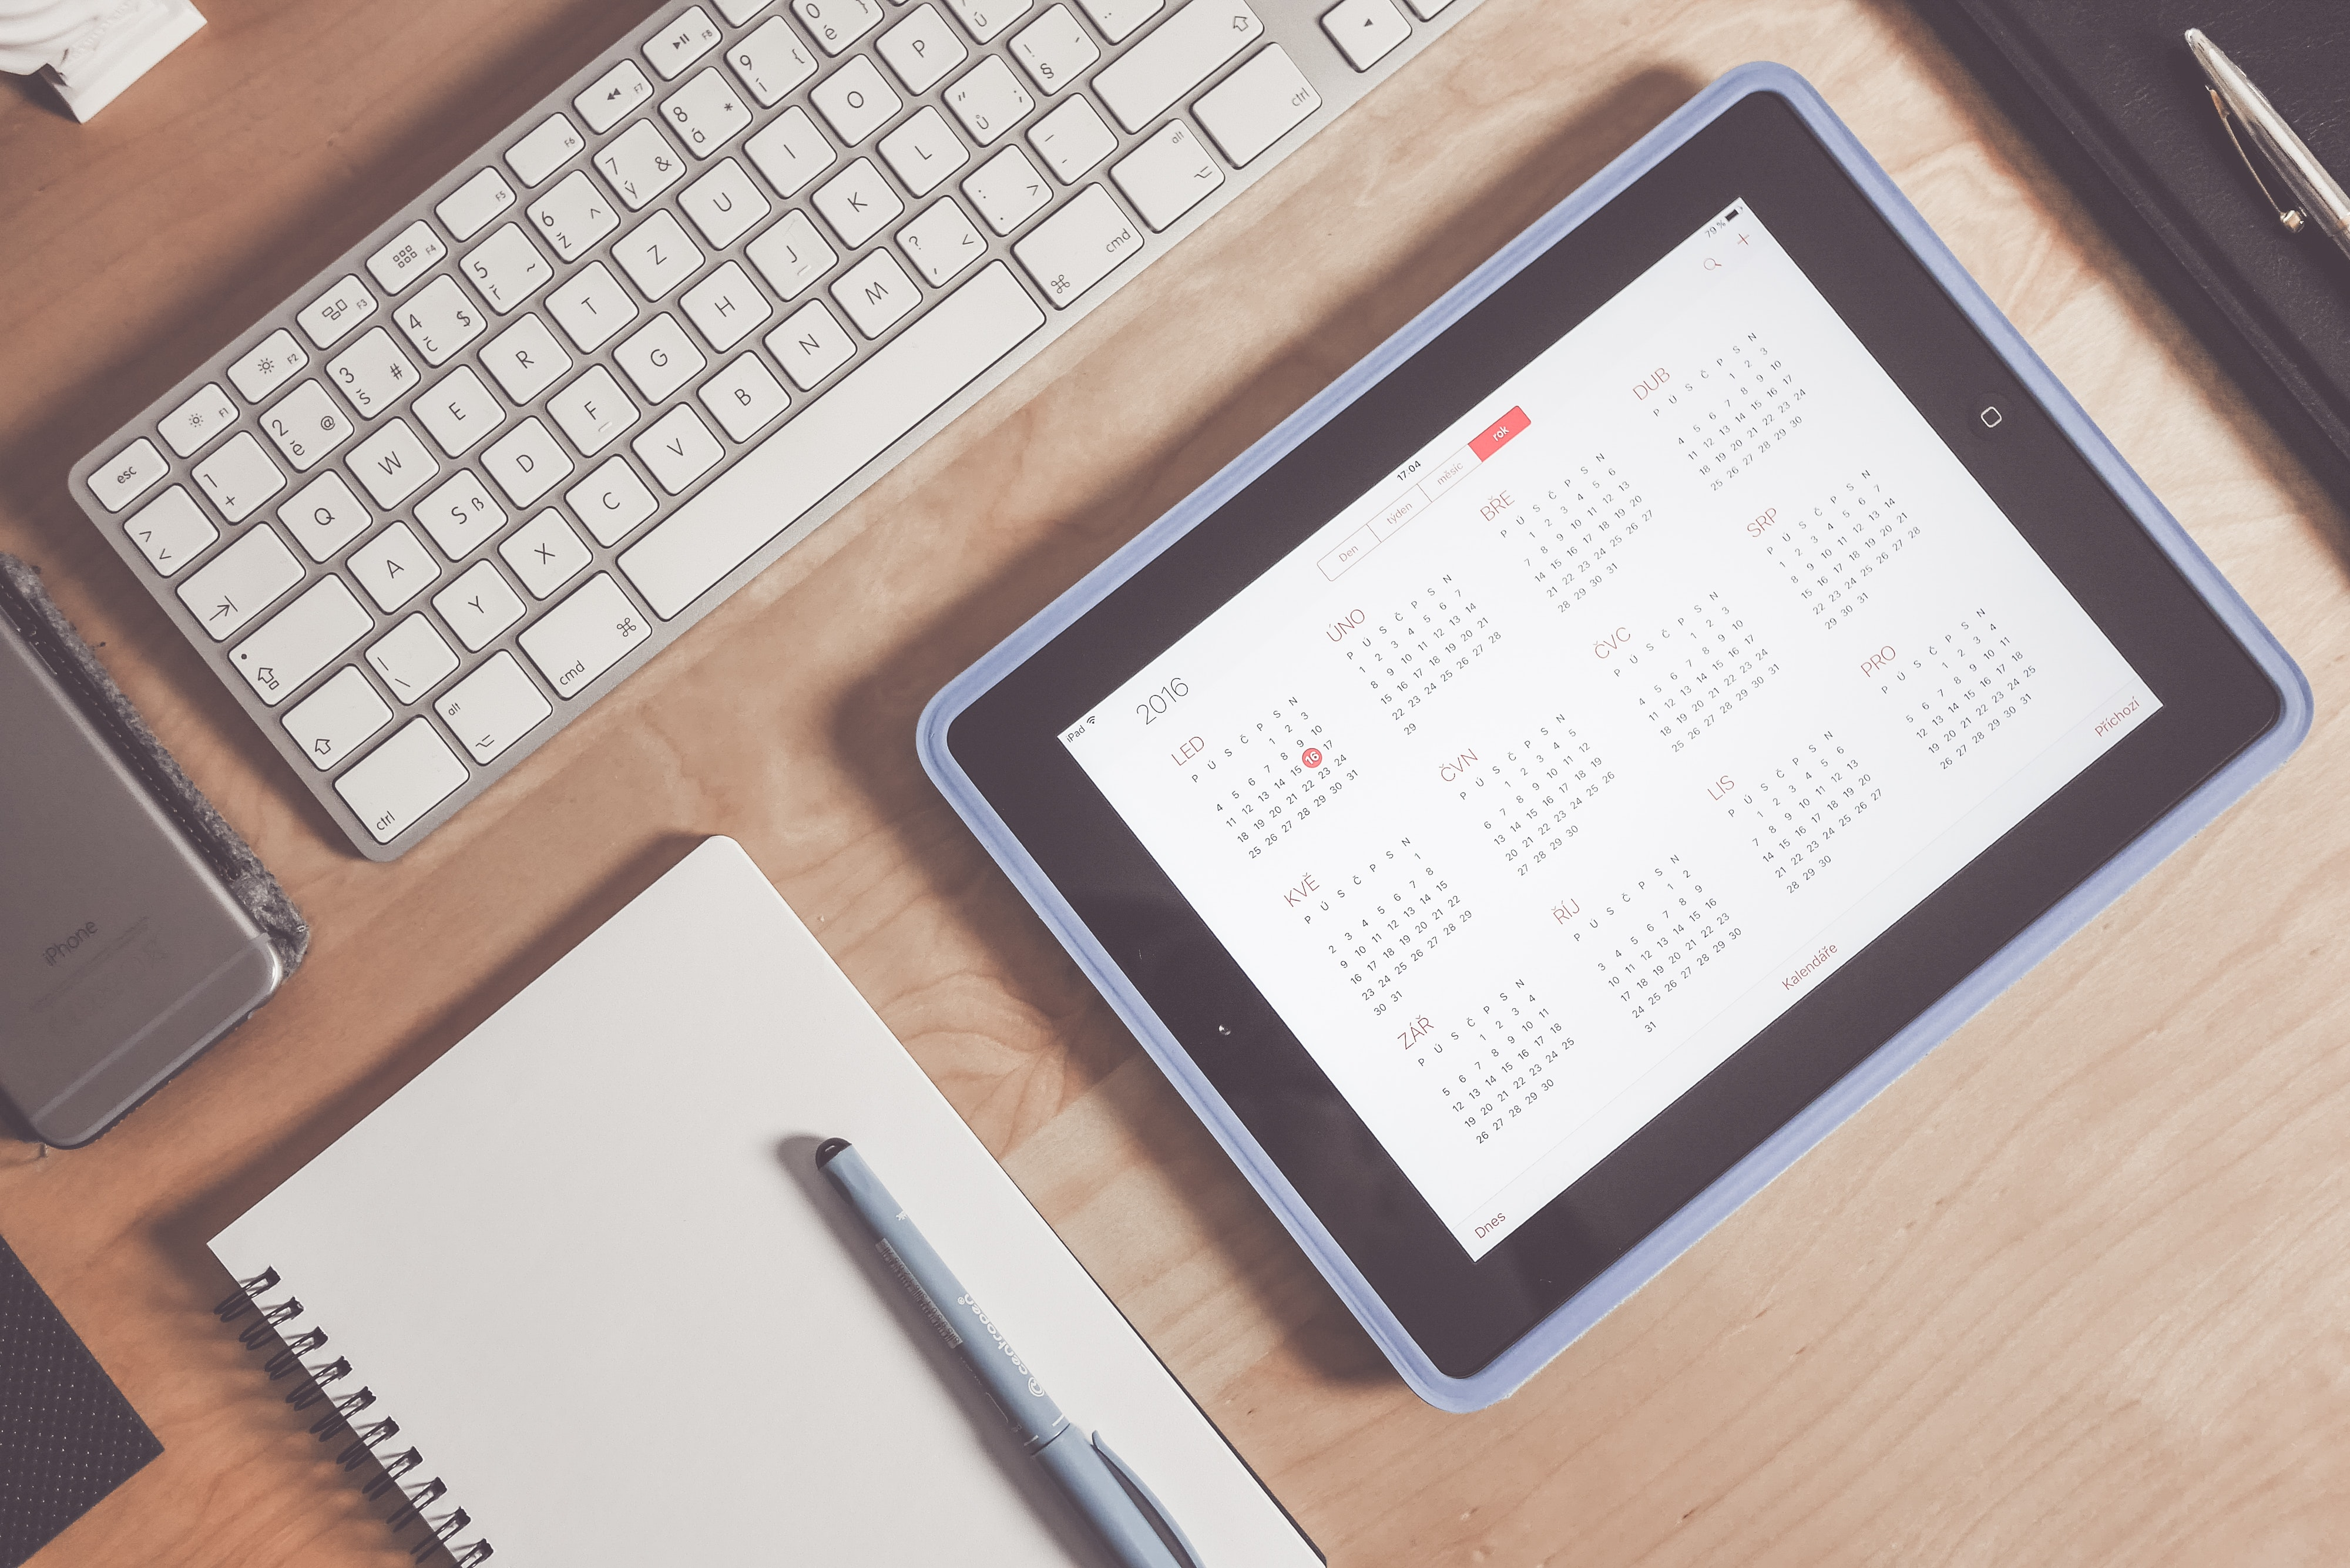 Regreso a clases: Cómo aprovechar el calendario de tu teléfono para organizarte mejor